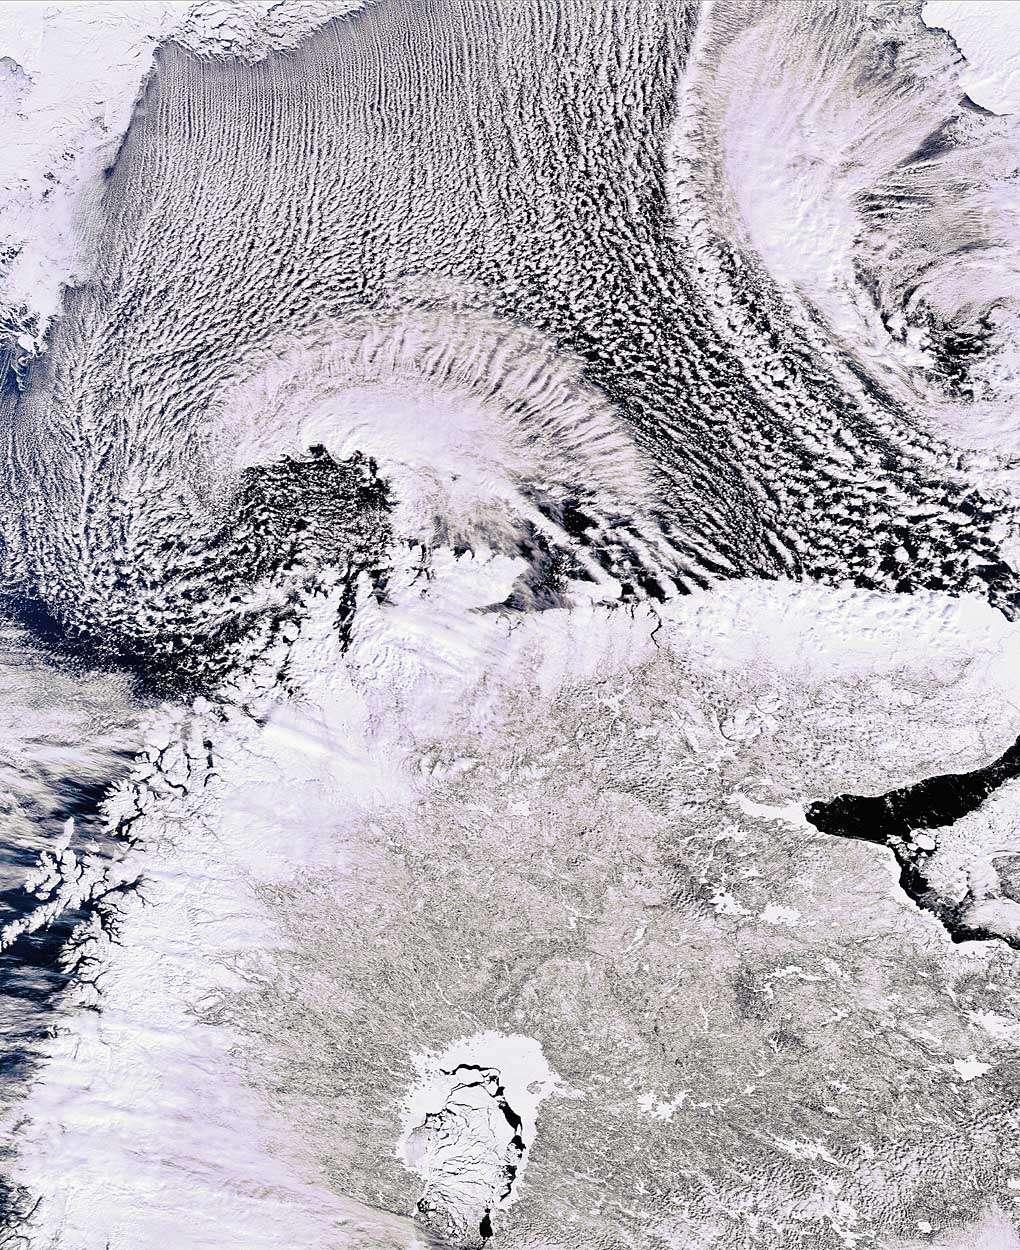 Envisat montre ici des rues de nuages, c'est-à-dire des alignements parallèles de cumulus créés par le vent, ainsi que la partie septentrionale de la péninsule scandinave. Longue de 1.850 km et large de 370 à 805 km, c'est la plus grande d'Europe. On distingue la Norvège (en haut et à gauche), la Suède (à gauche du Golfe de Botnie visible en bas au centre) et la Finlande (à droite du Golfe). La Fédération de Russie est visible le long du côté droit.